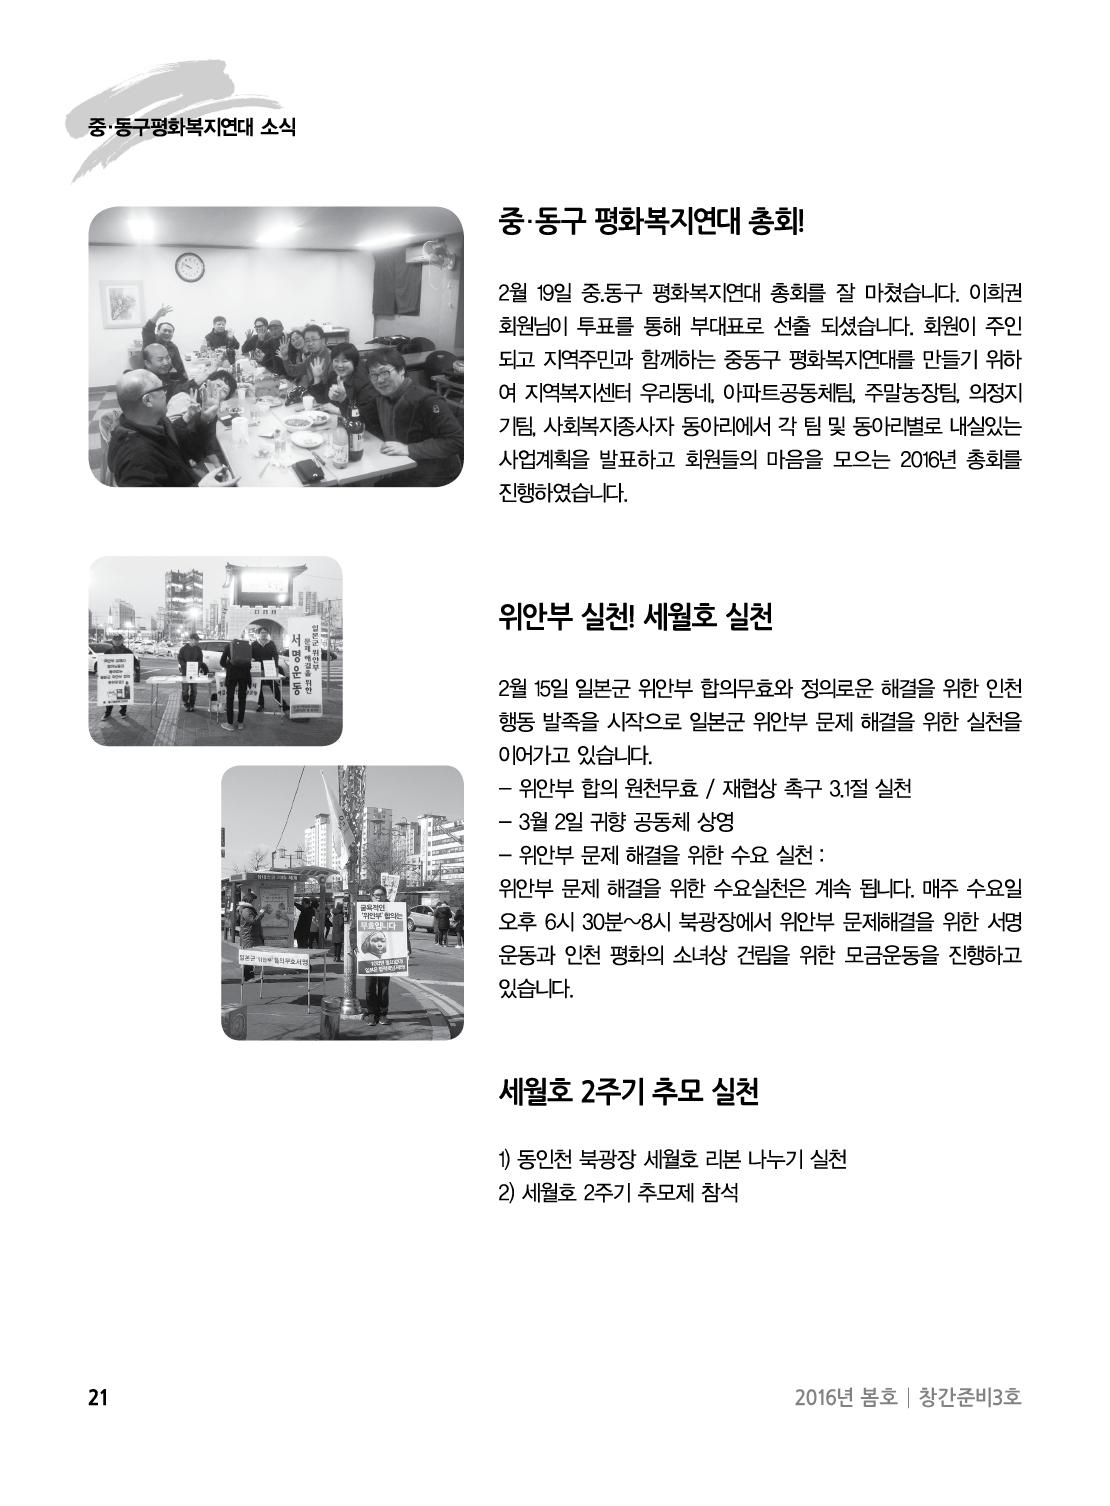 아웃라인 인천평화복지연대 소식지창간준비3호21.jpg